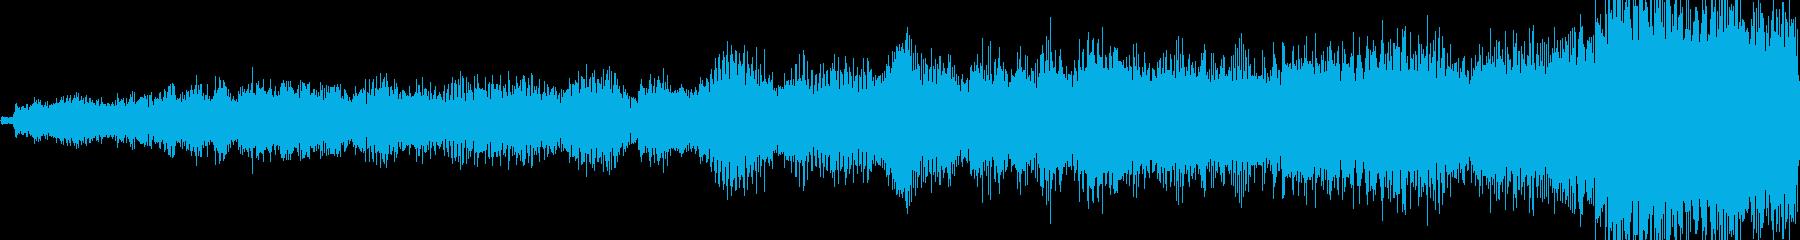 フワーンシュッ (転送の効果音)の再生済みの波形